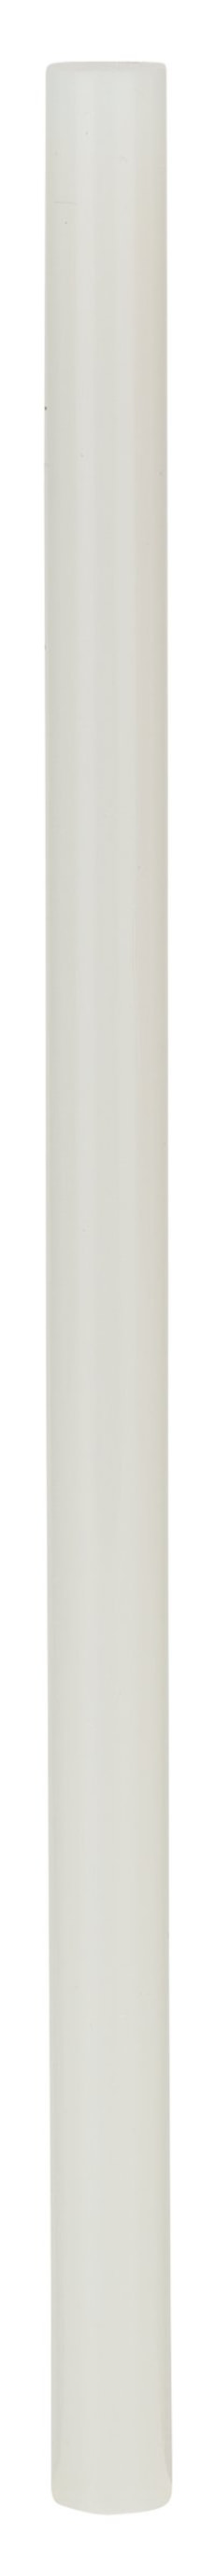 Bâtonnets de colle ULTRA POWER set de 10pcs.